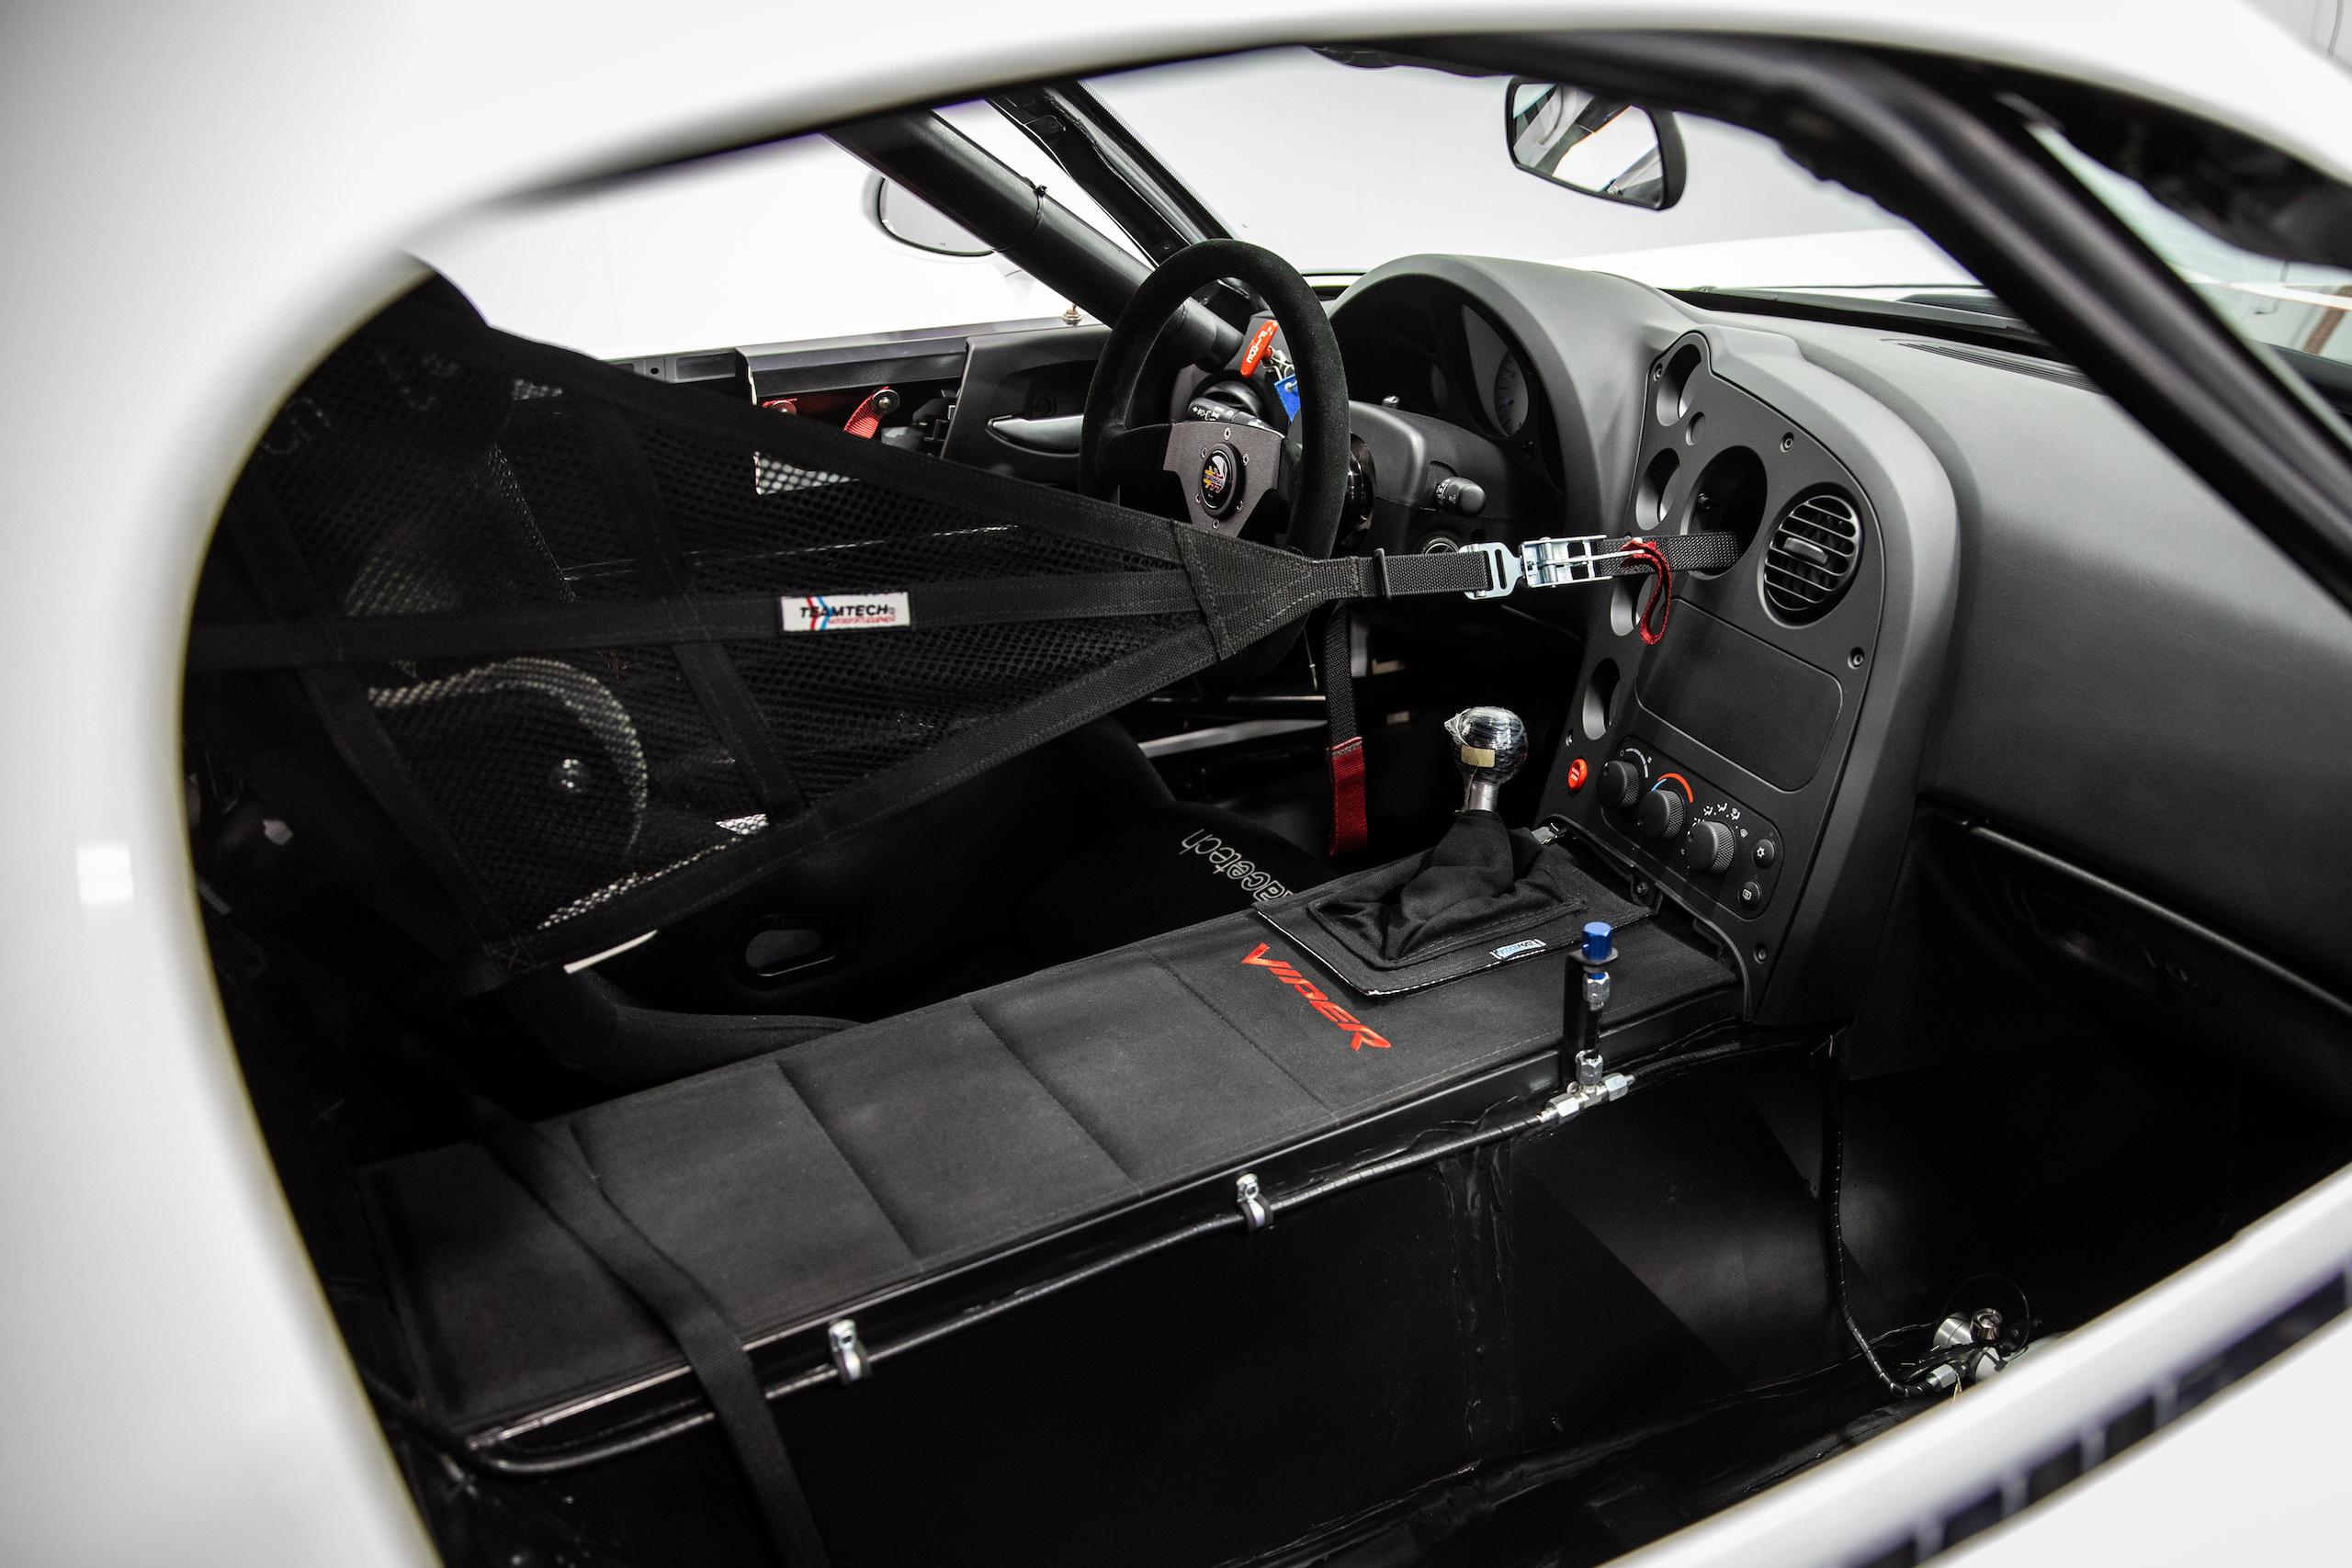 Viper collection interior cockpit